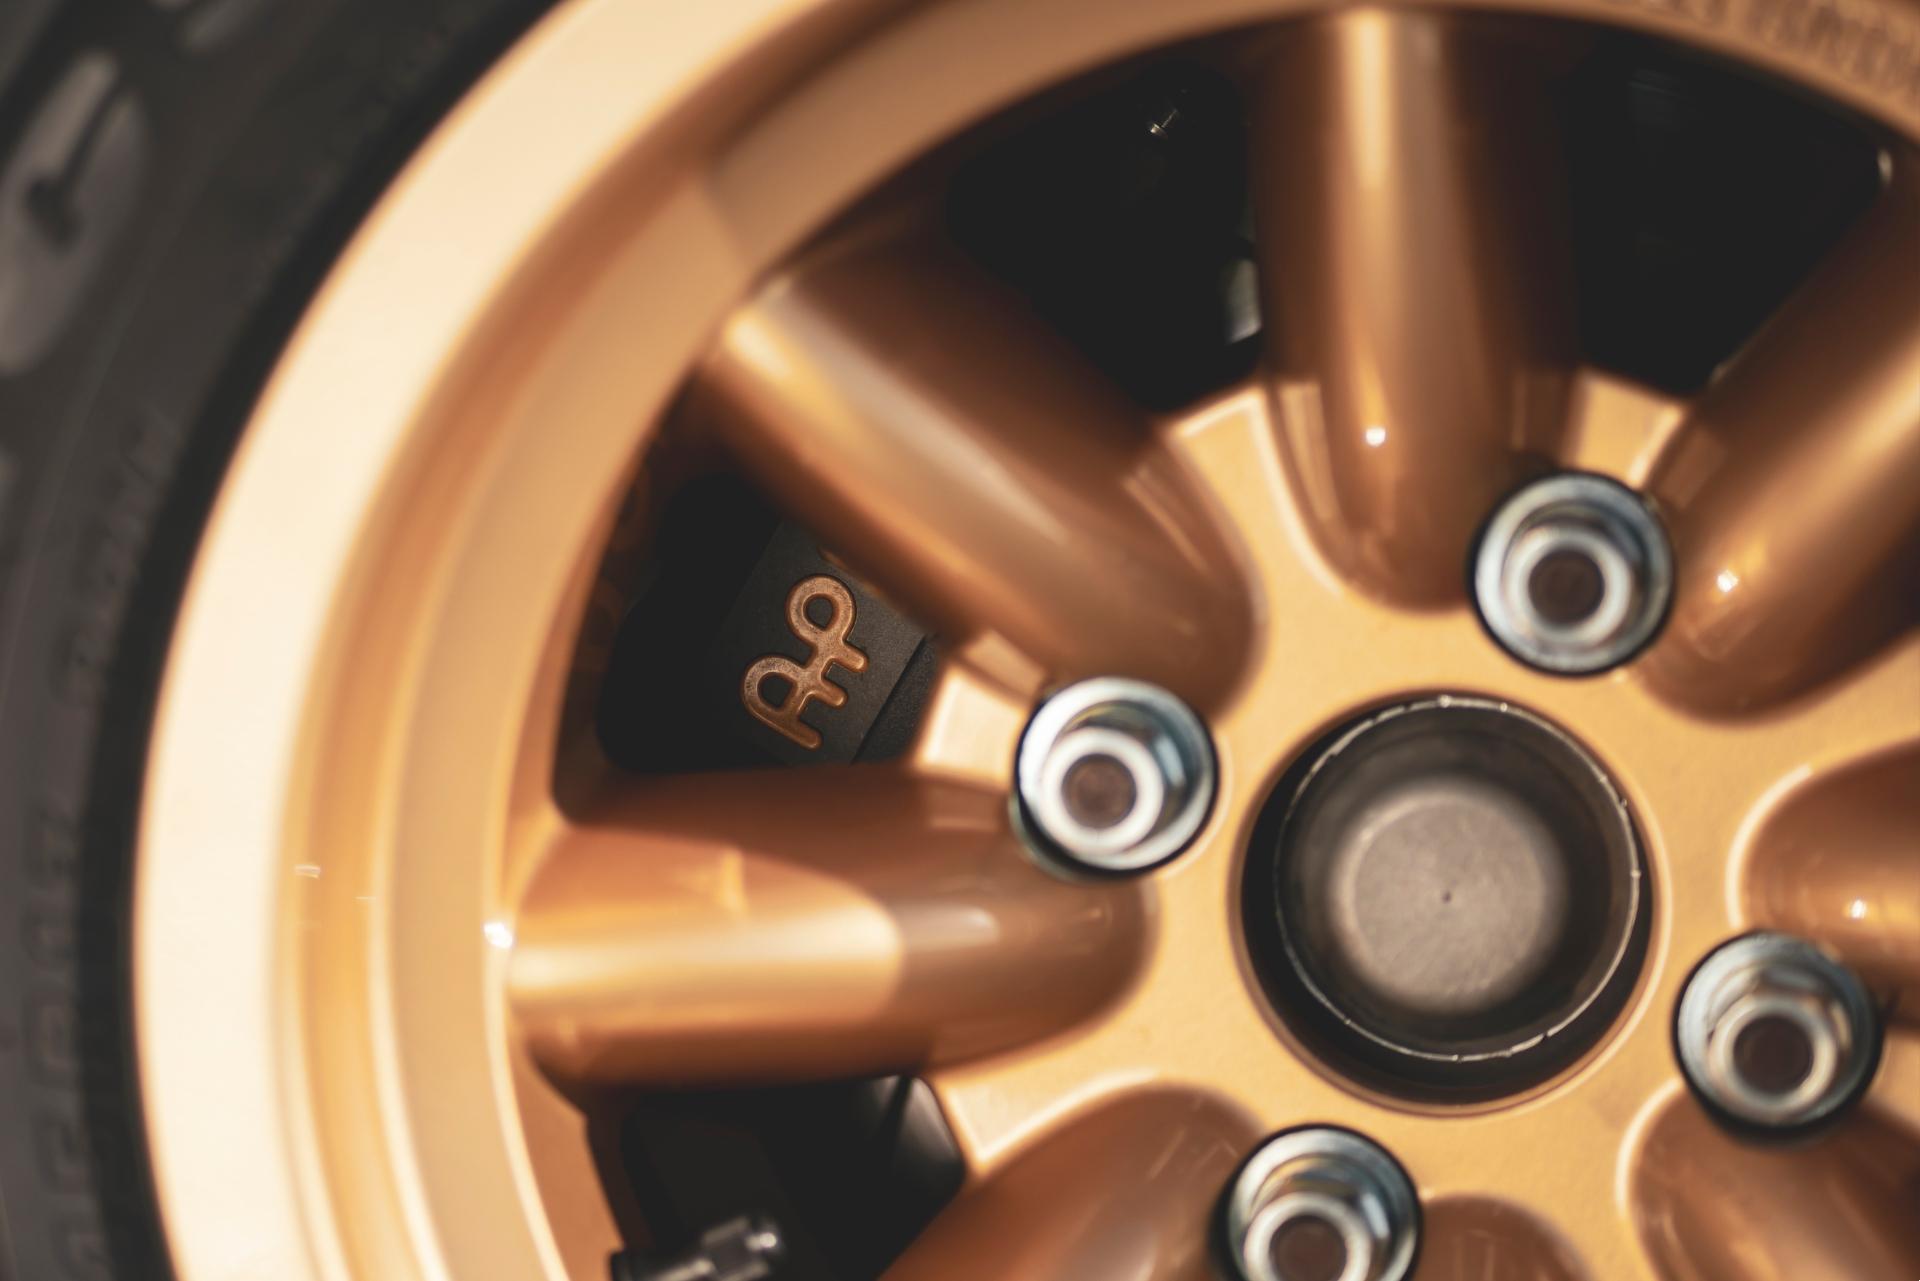 MST Mk2 wheel caliper detail